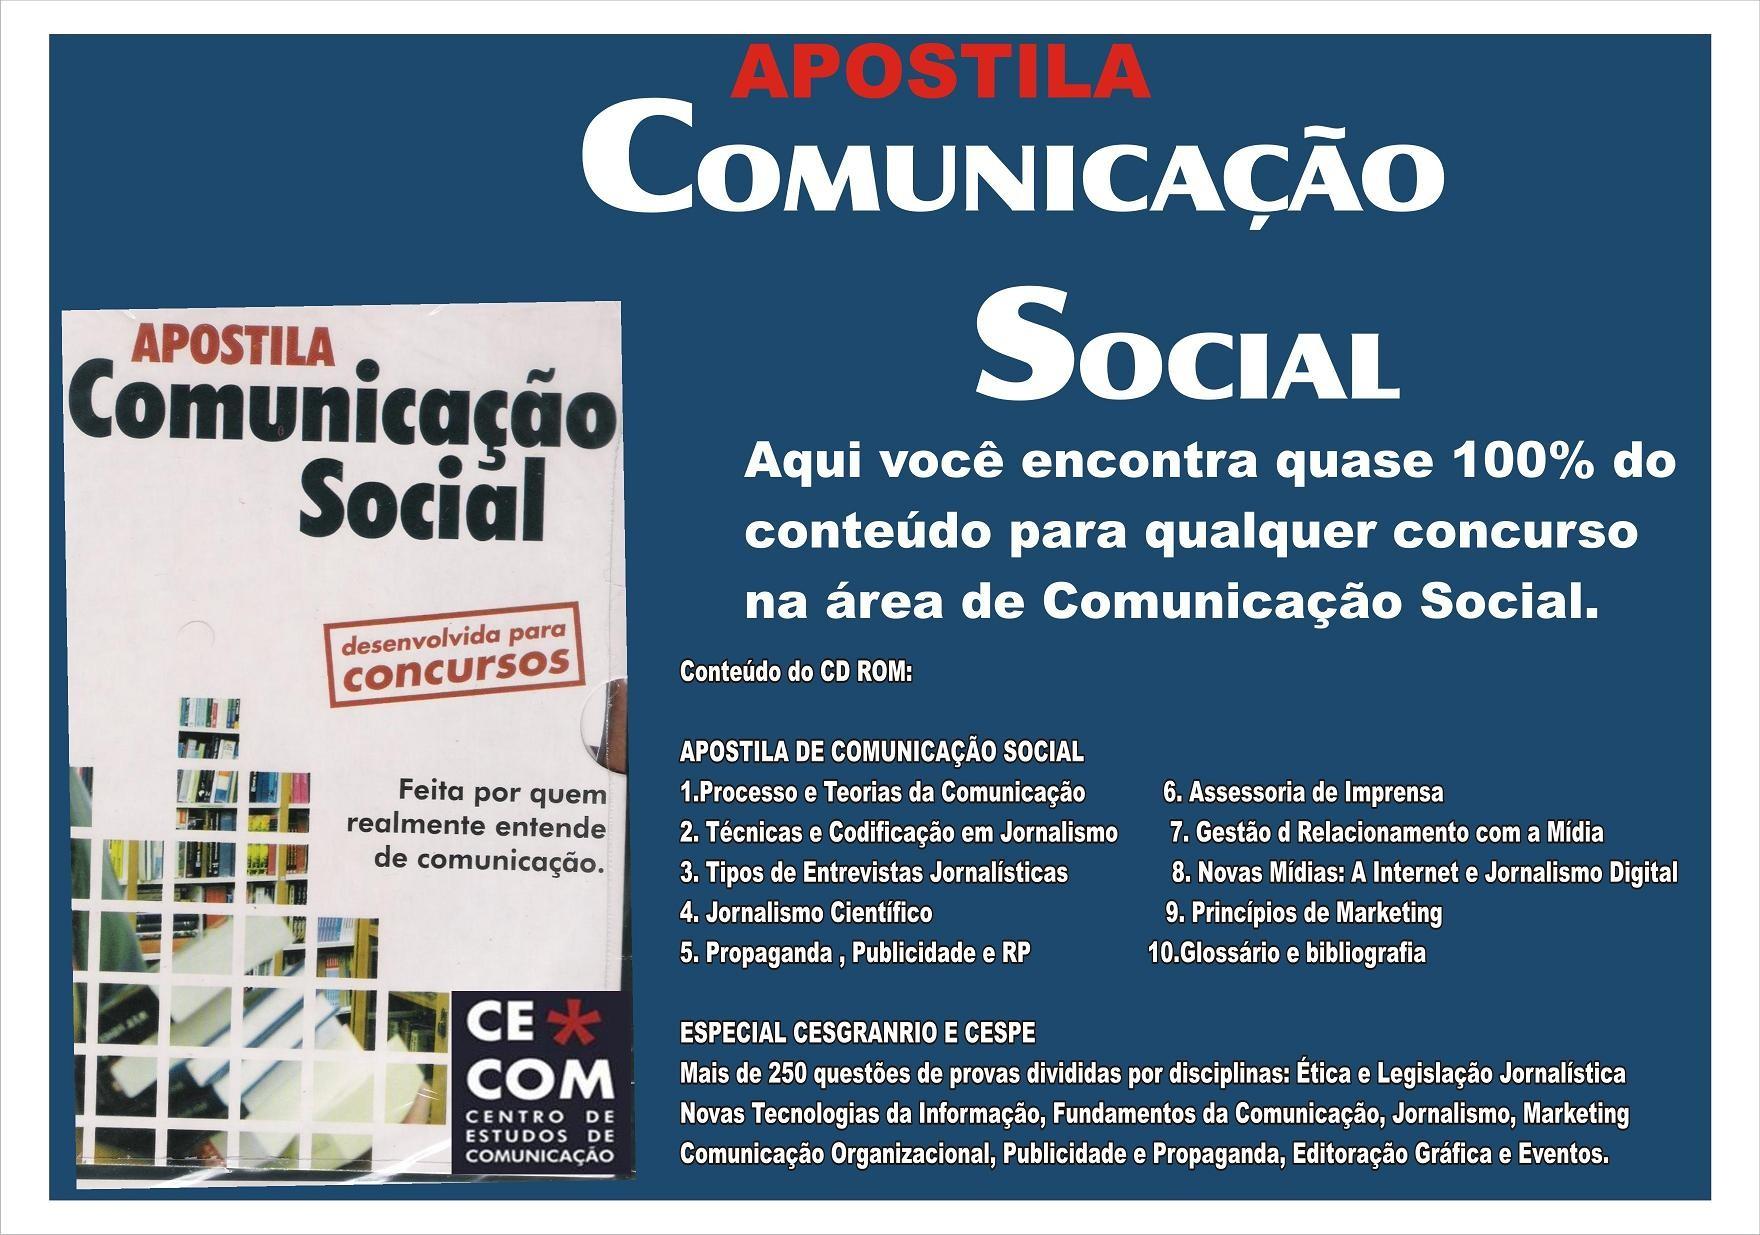 Apostila Comunicação Social para Concursos